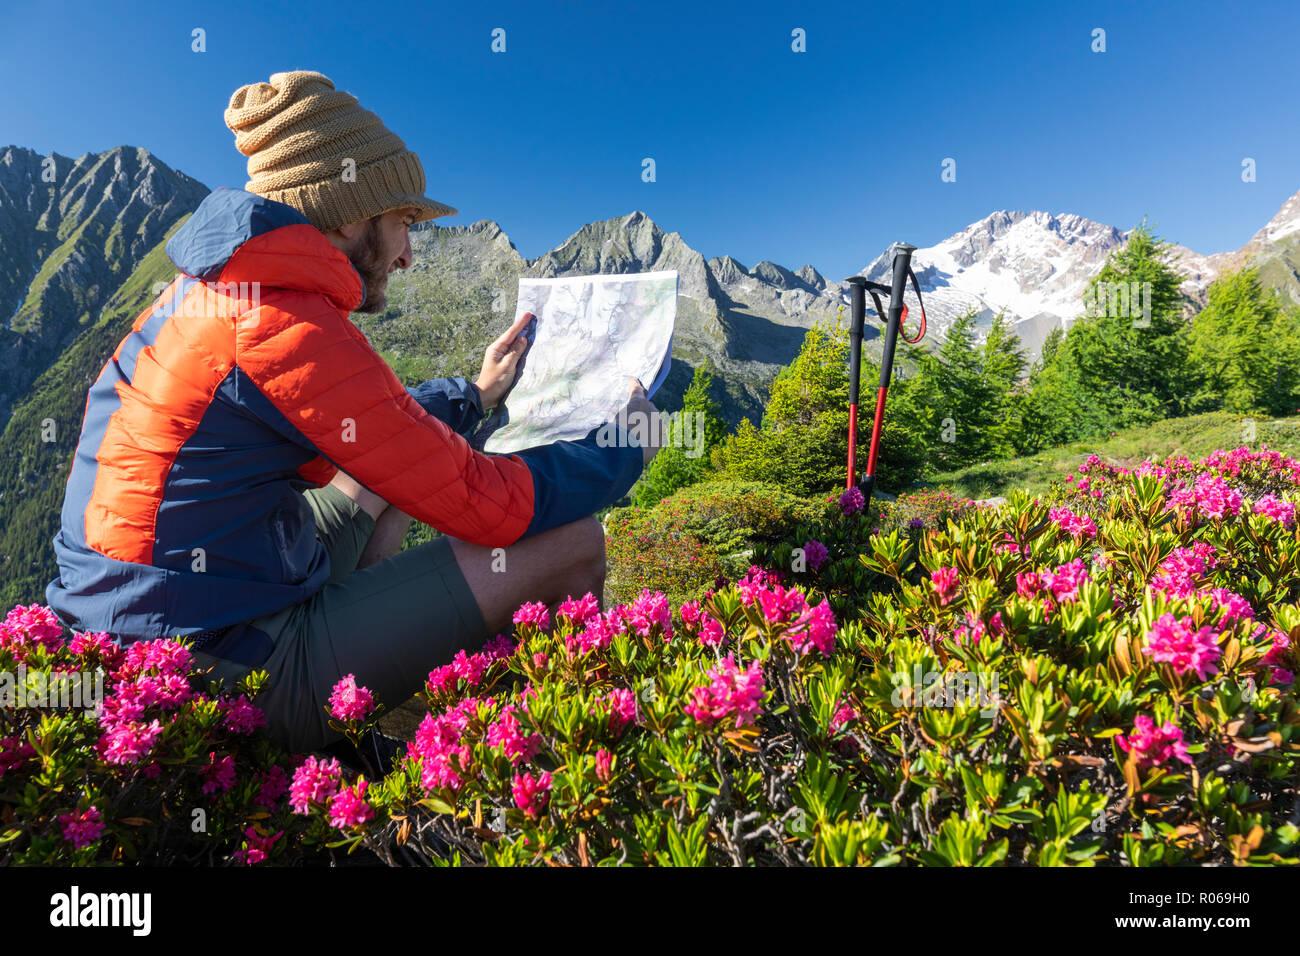 Randonneur entouré de rhododendrons se penche sur la carte, Scermendone Alp, Sondrio province, Valtellina, Alpes Rhétiques, Lombardie, Italie, Europe Banque D'Images